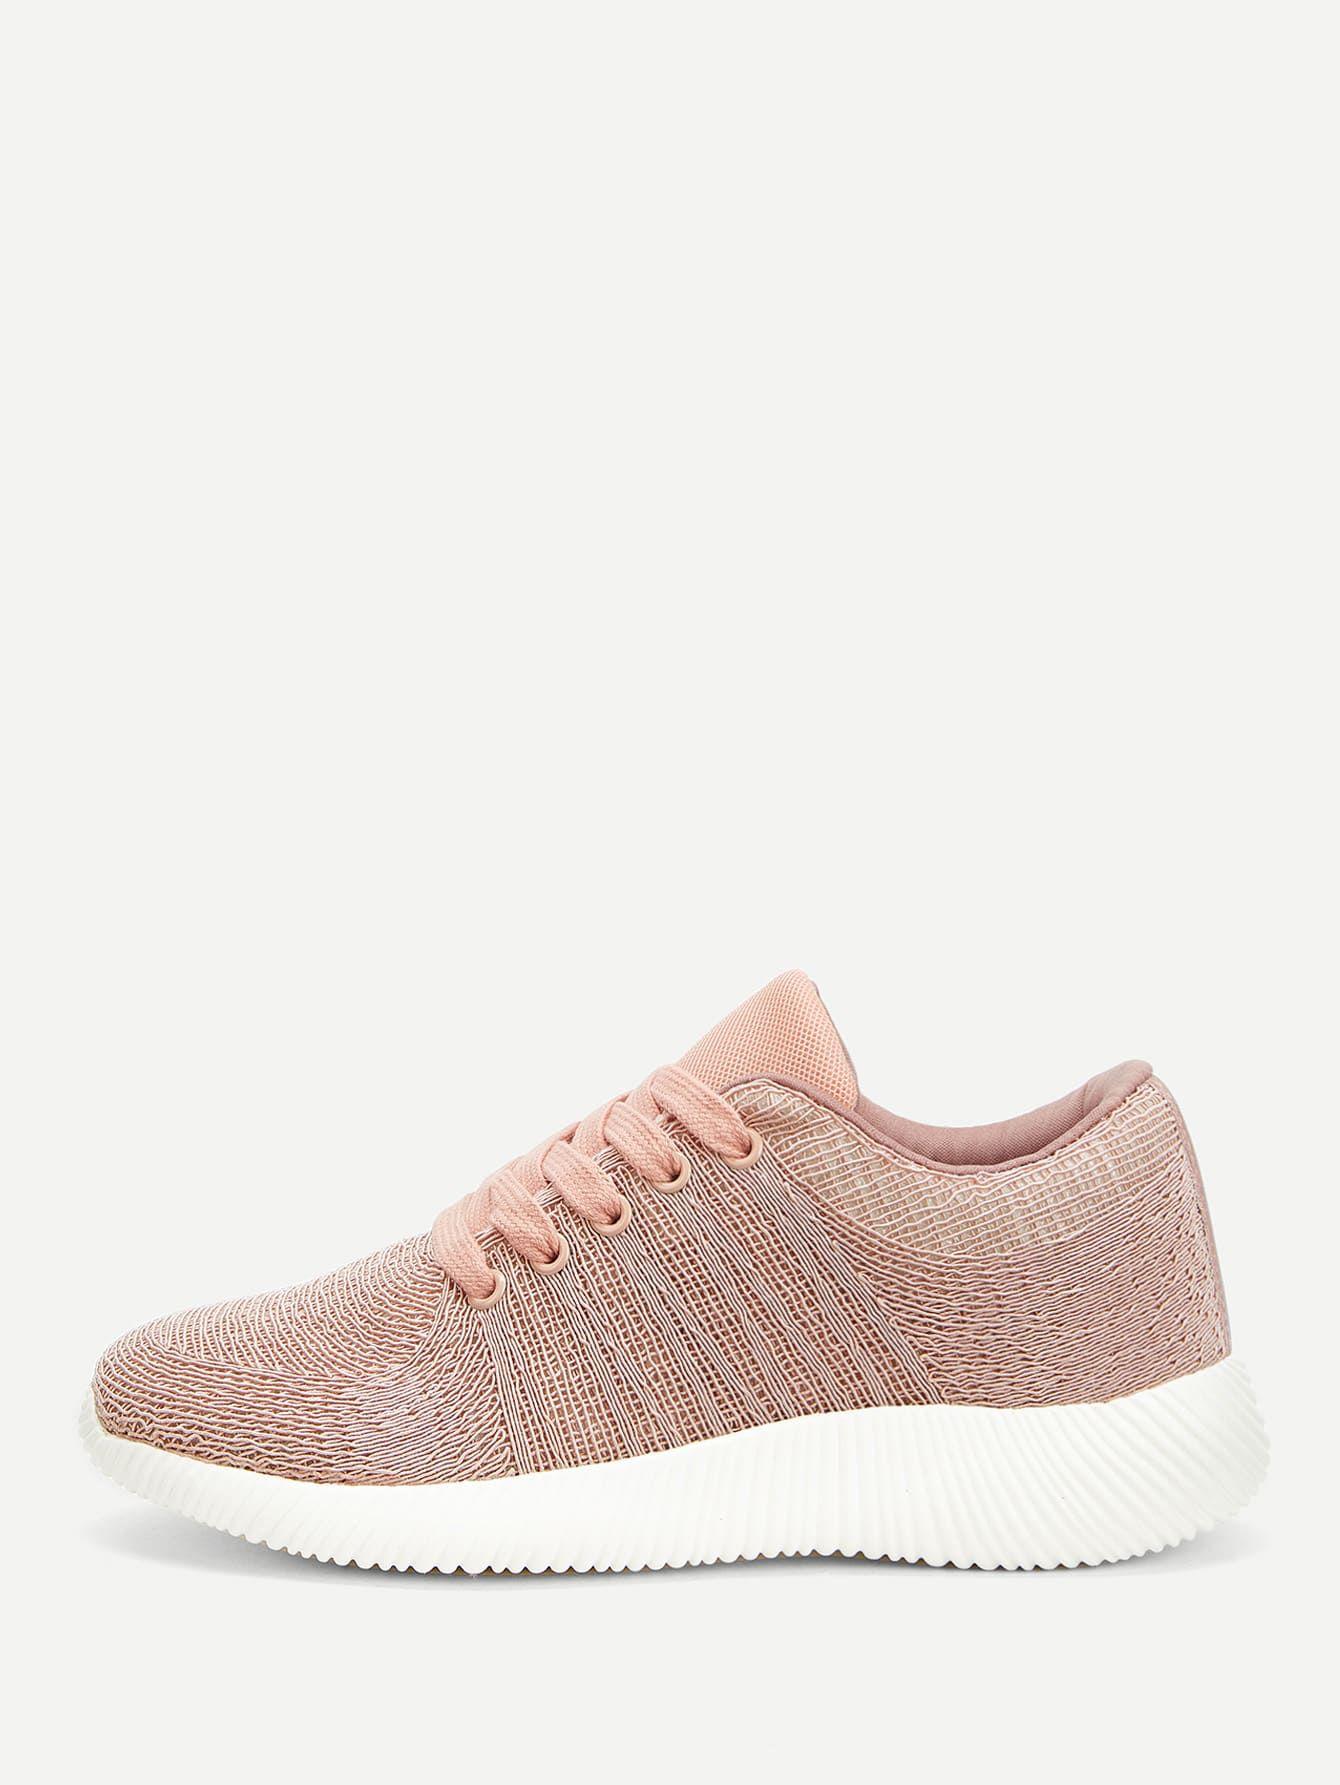 الدانتيل متابعة الجبهة أحذية رياضية متماسكة قد اشتريت منتج رائع من موقع شي إن أرغب في أن أوصيكم بشرائه مريحه Lace Sneakers Lace Up Heels Knit Sneakers